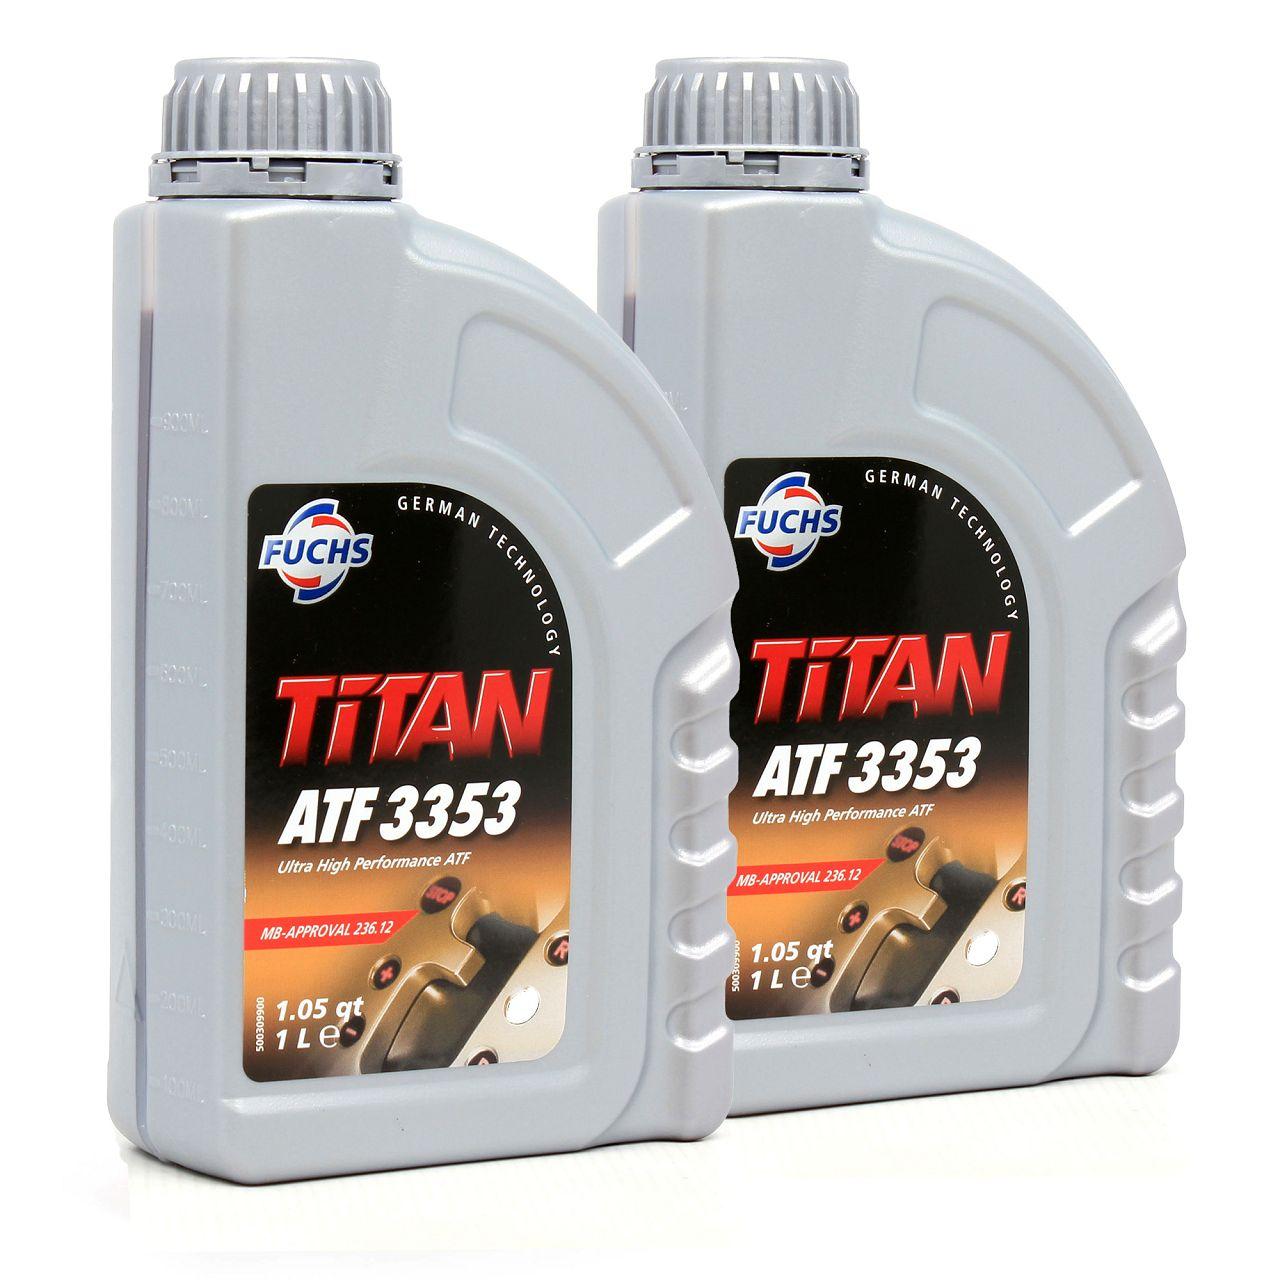 FUCHS Automatikgetriebeöl TITAN ATF 3353 MB 236.12 für VW TL 52533 - 2L 2 Liter